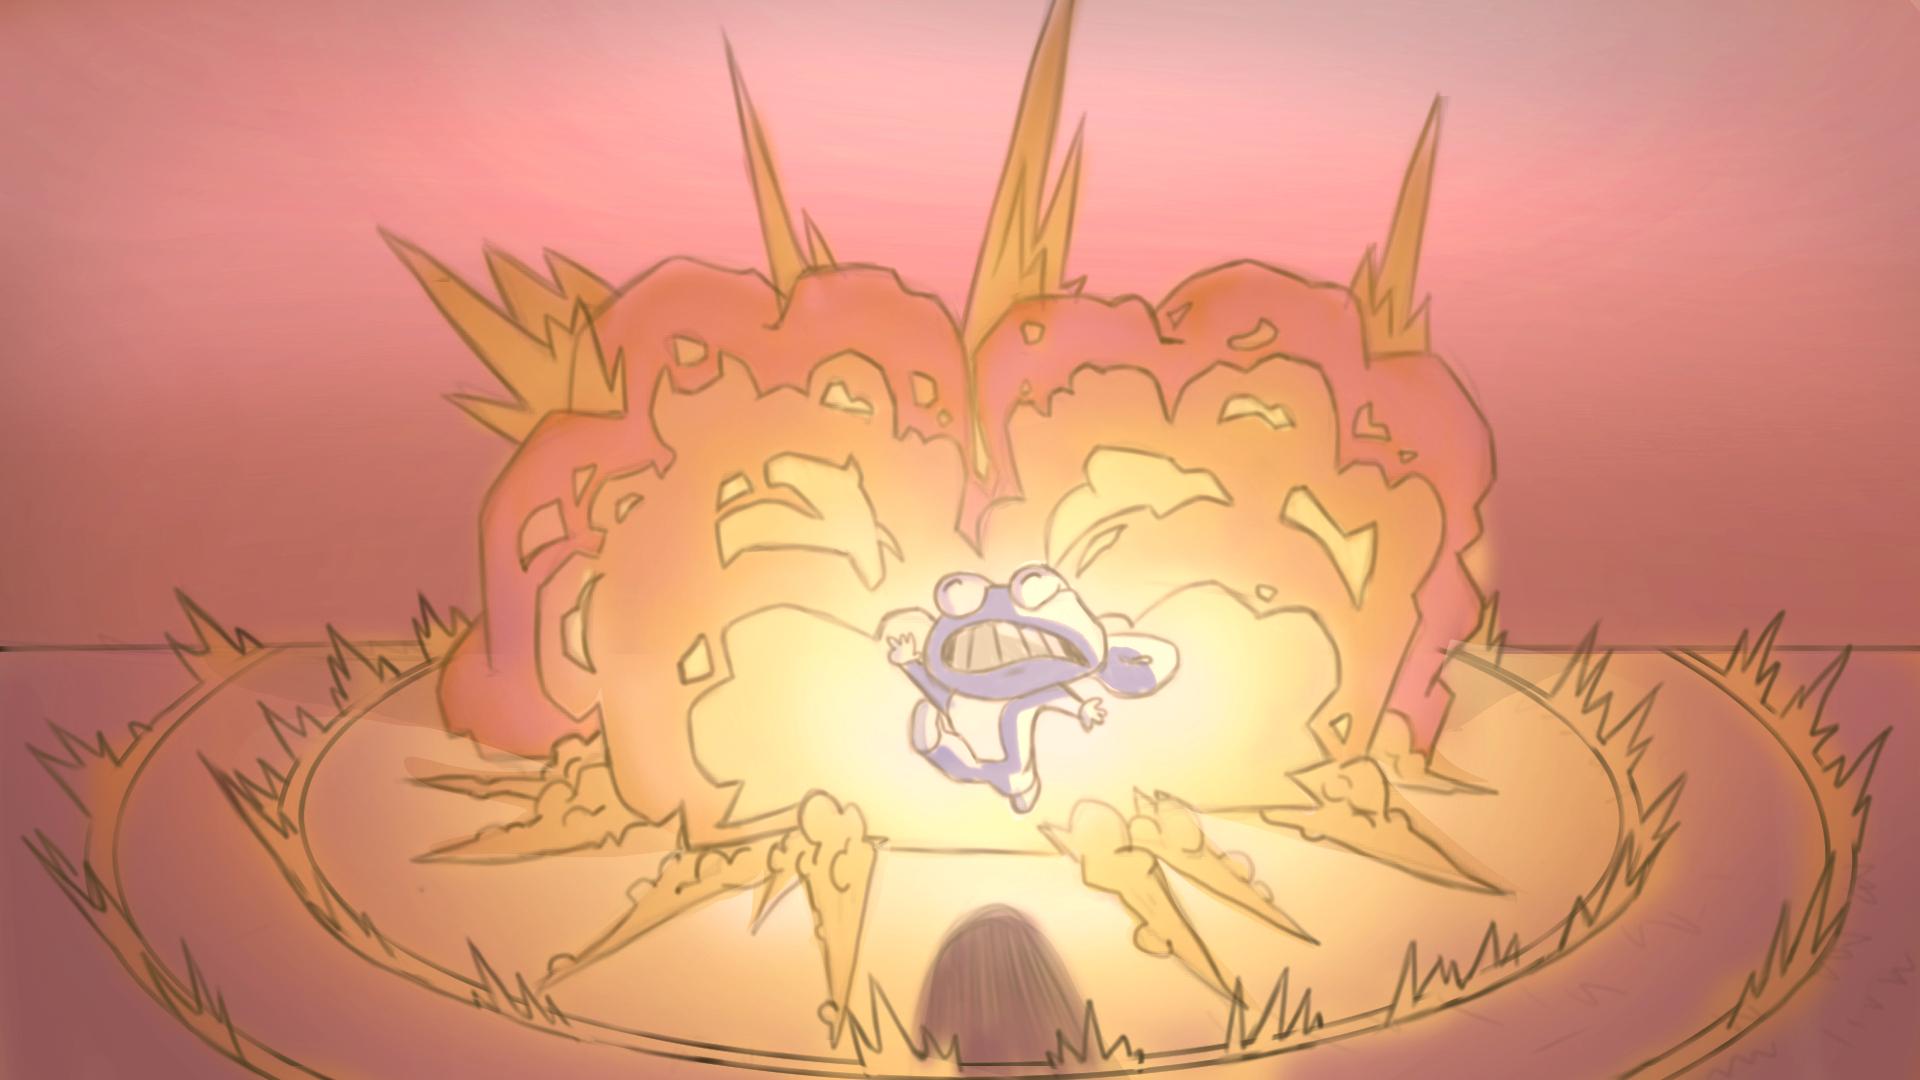 neo explosion